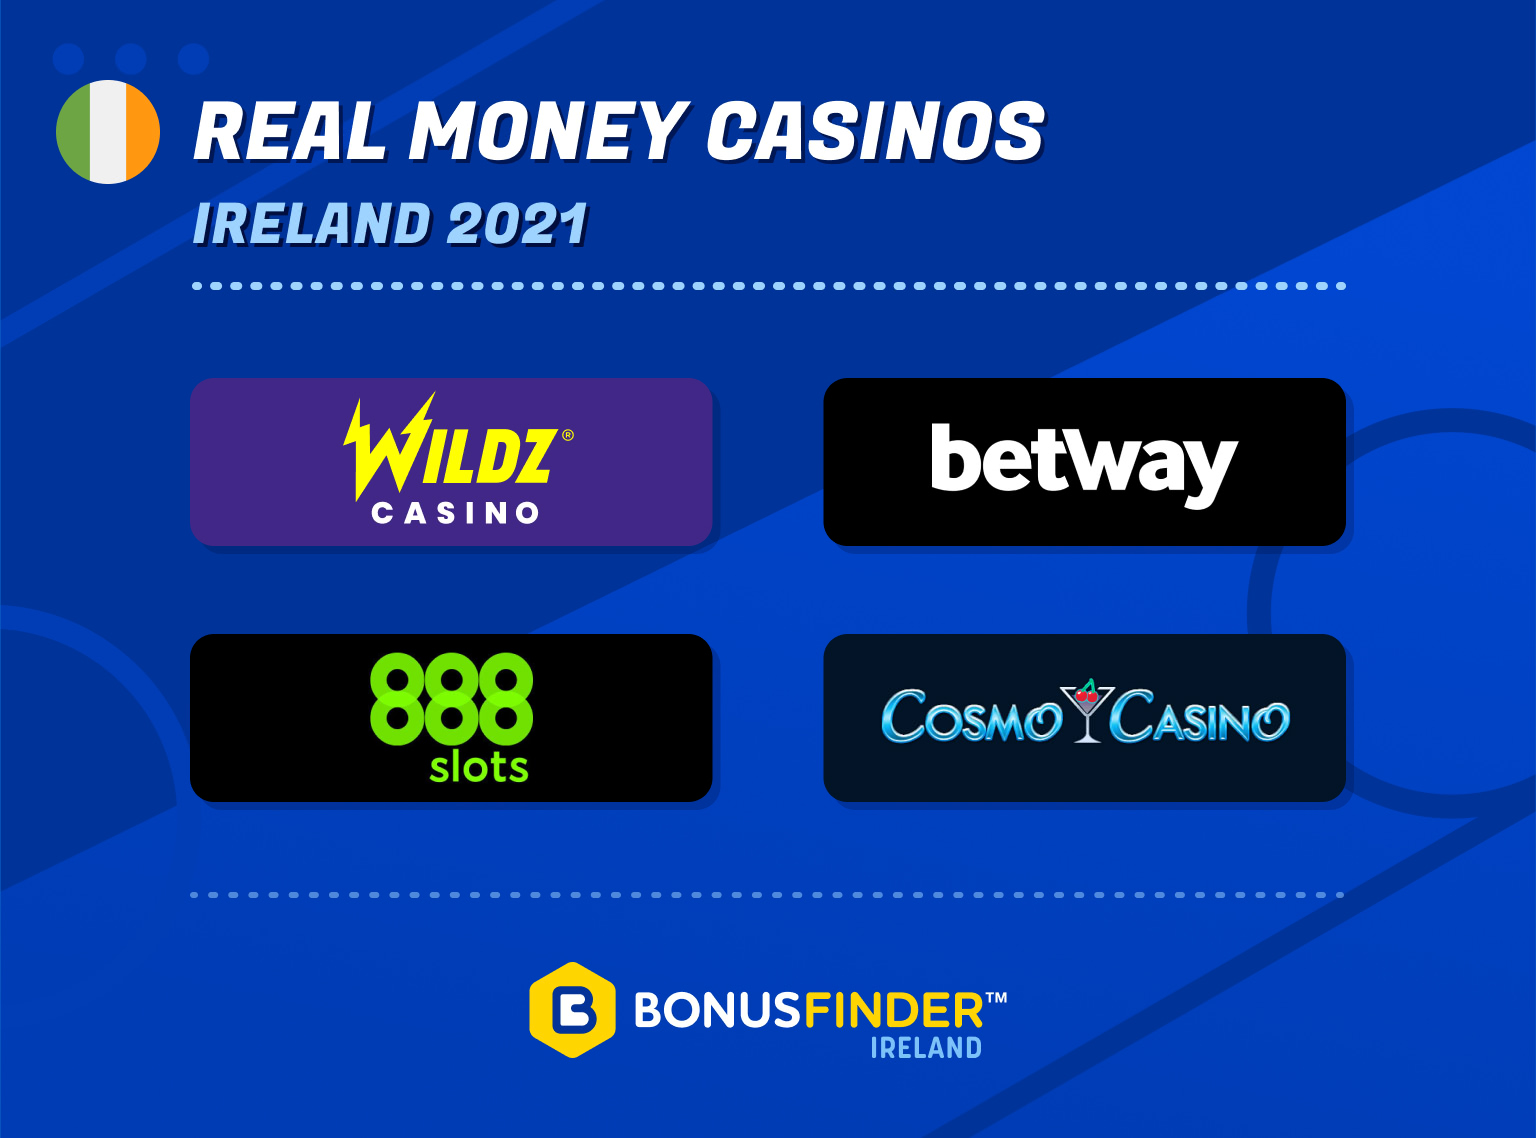 real money casinos ireland